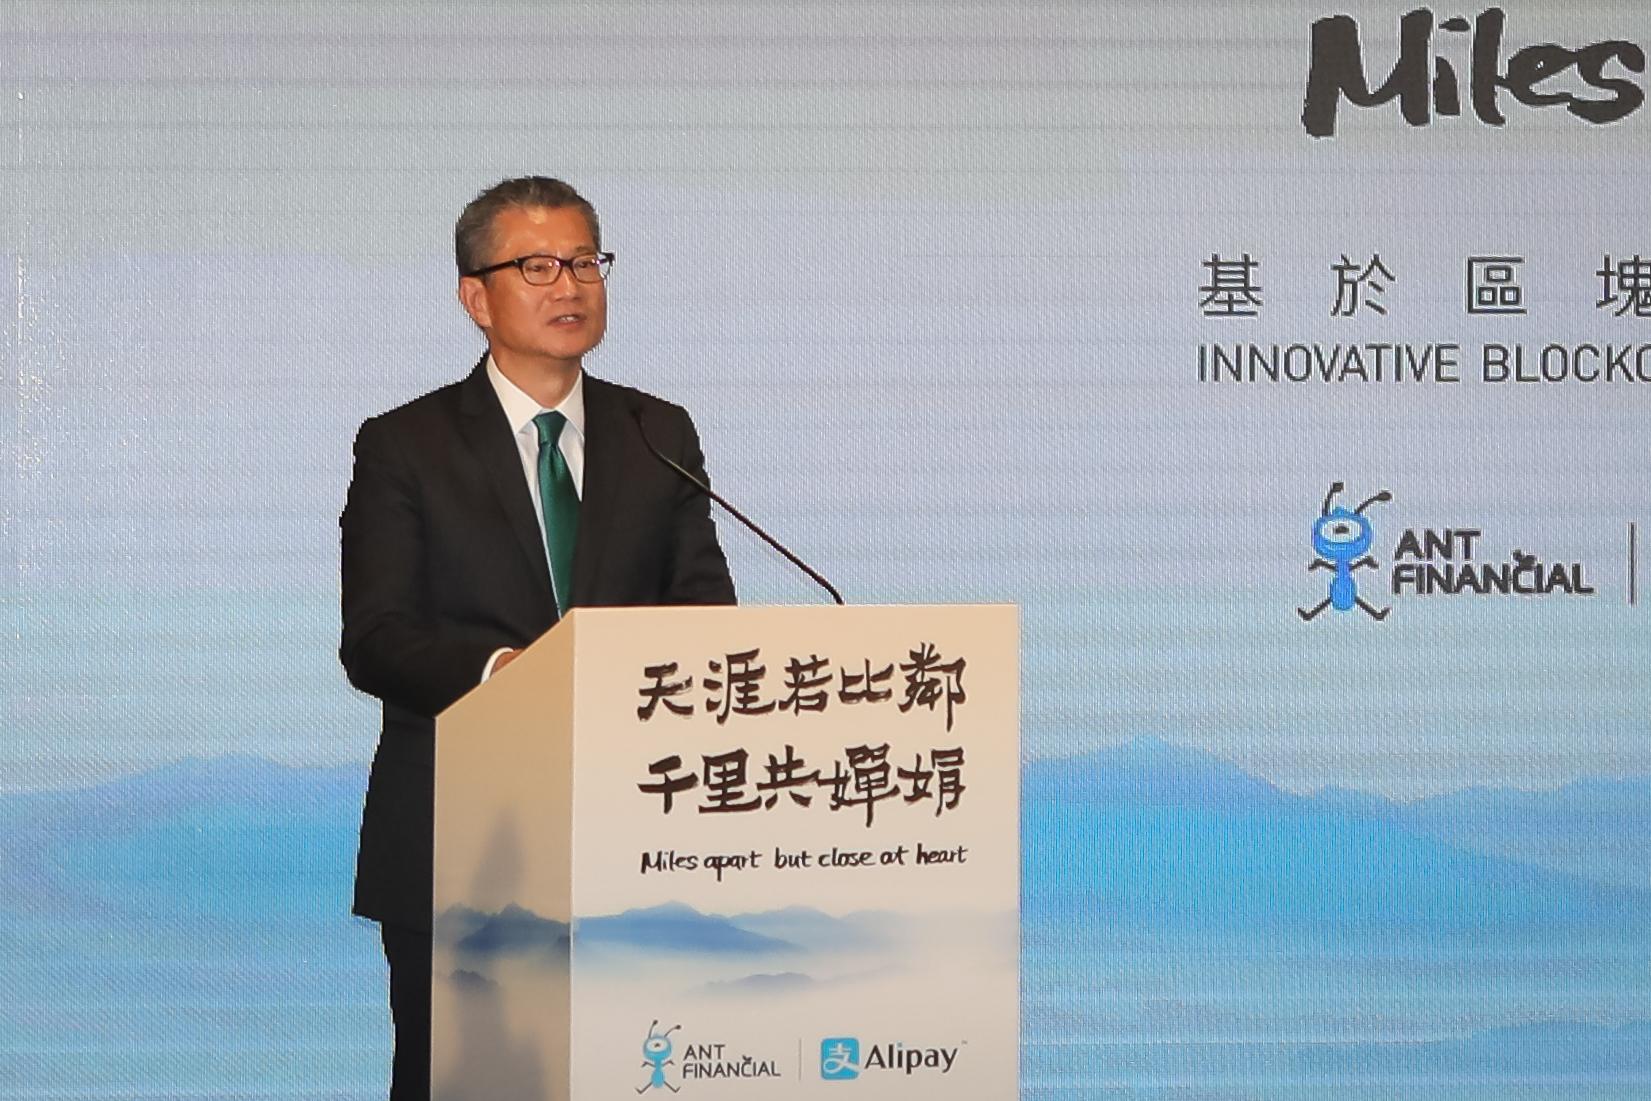 香港將推出上限130億美元綠色債券支持「一帶一路」經濟體-華發網繁體版